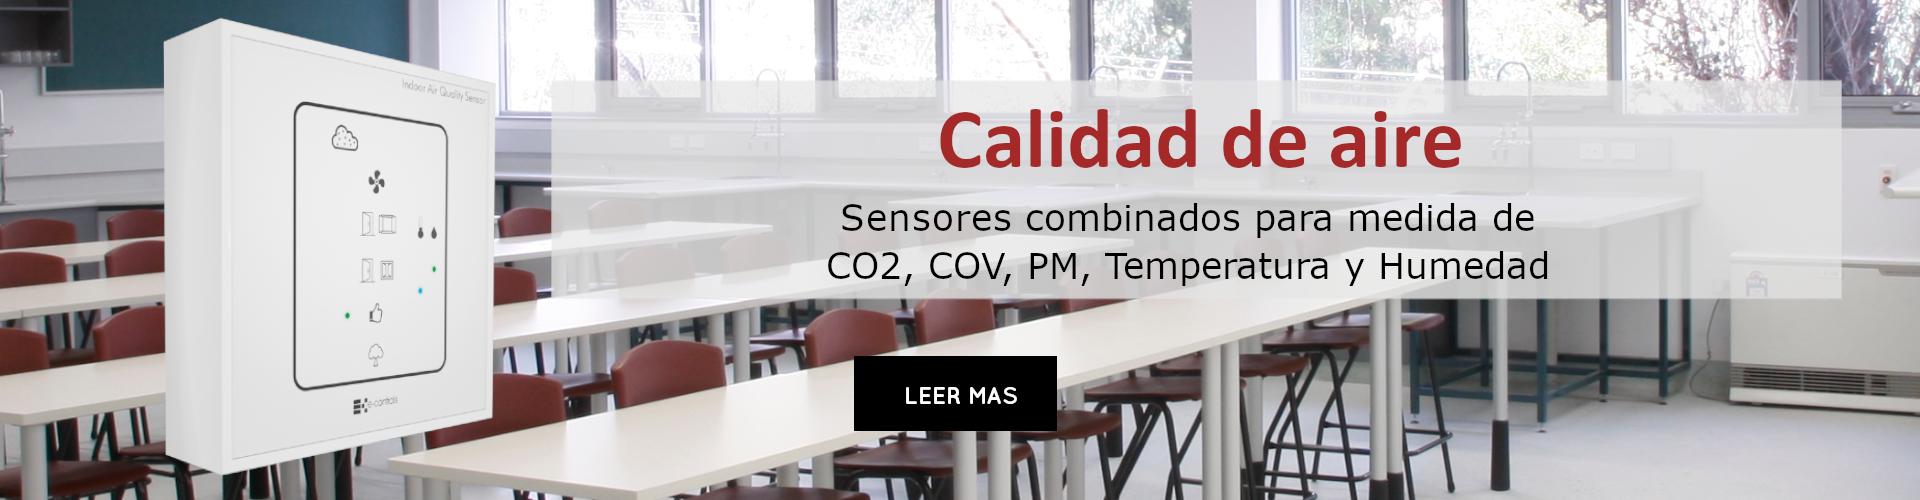 calidad de aire sensores combinados para medida de  CO2, COV, PM, Temperatura y Humedad